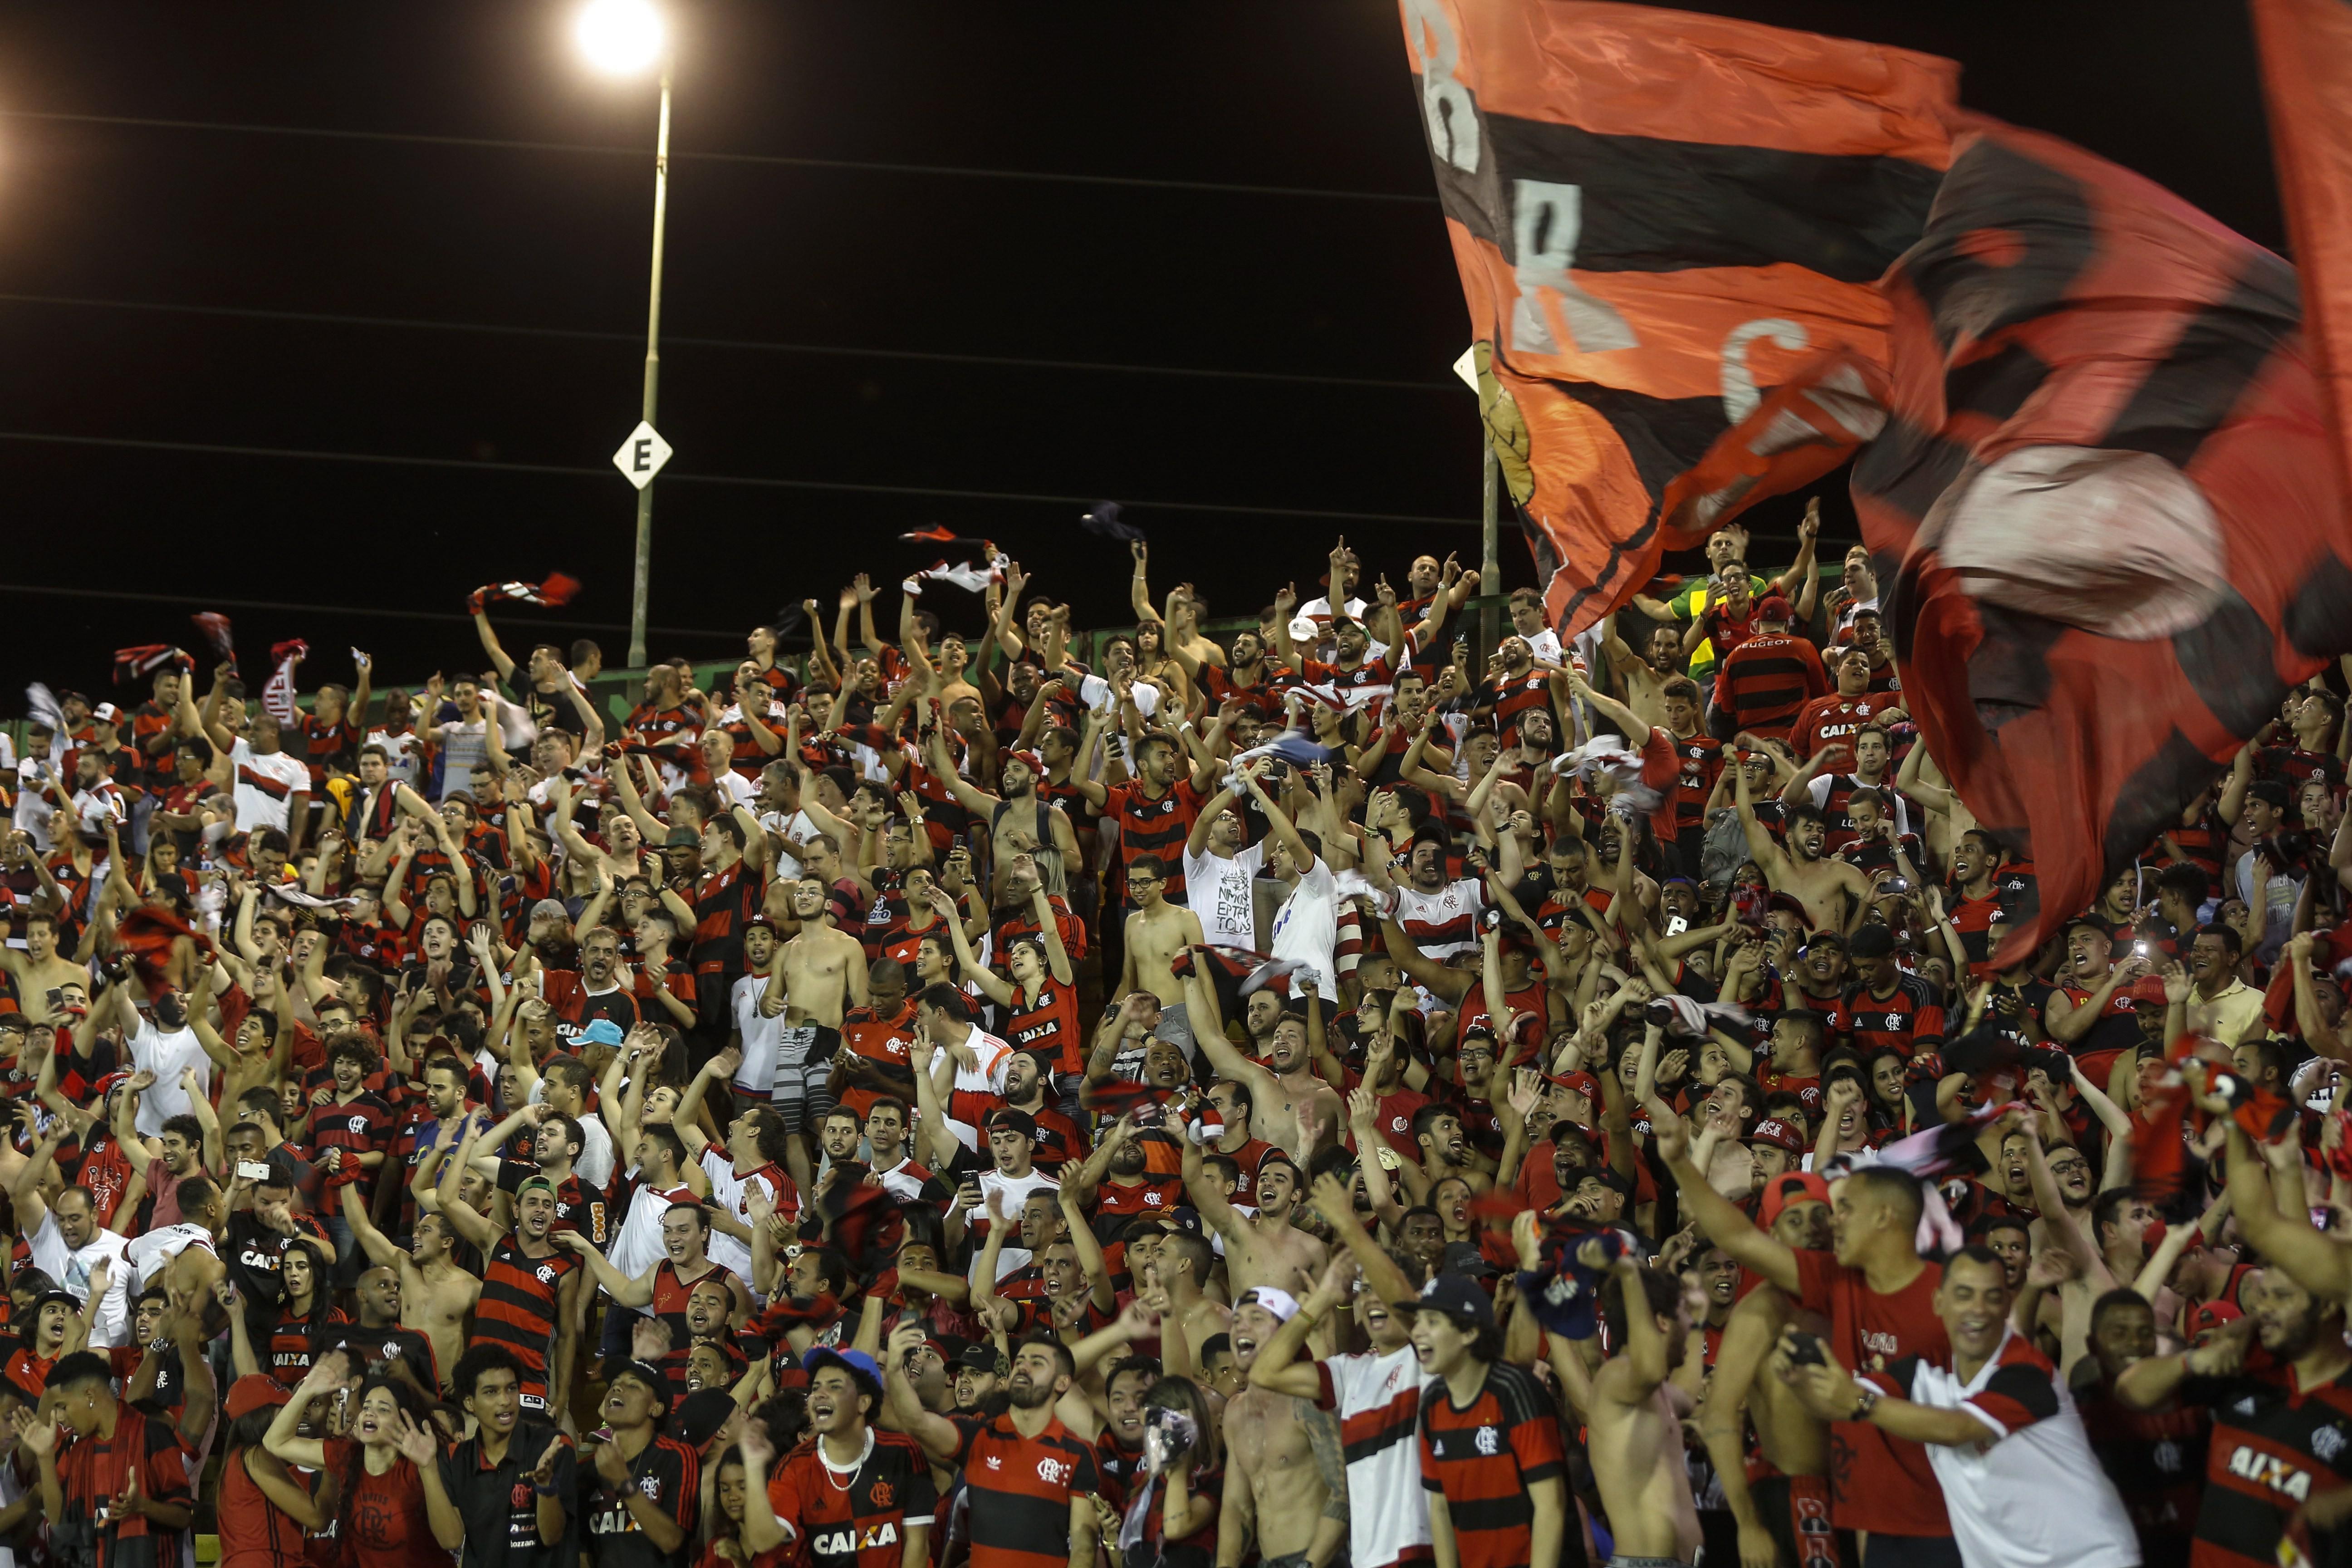 Torcida do Flamengo no Raulino de Oliveira, em Volta Redonda